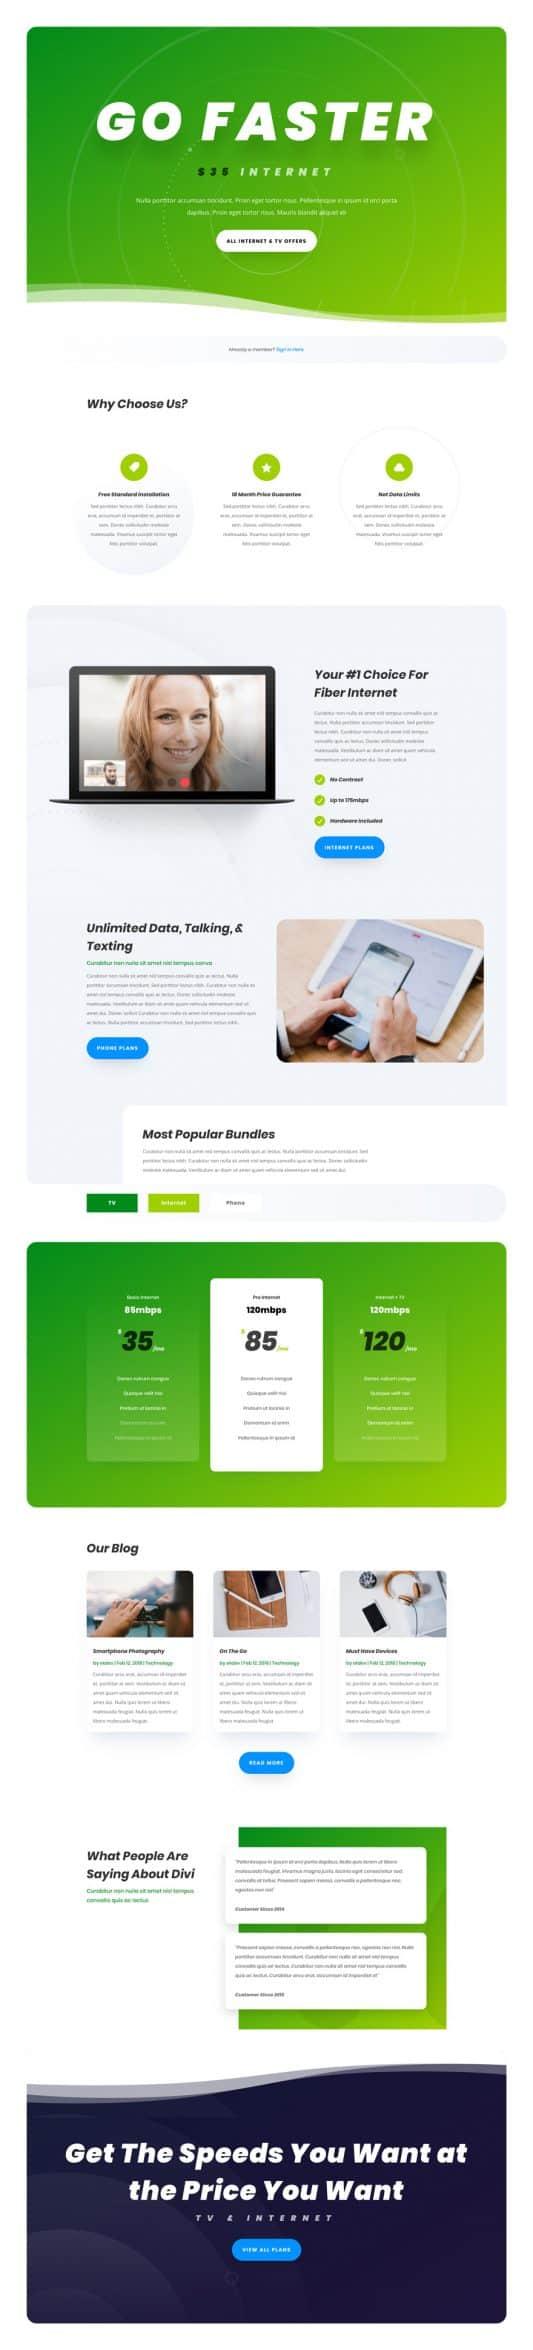 Internet Service Provider Web Design 5